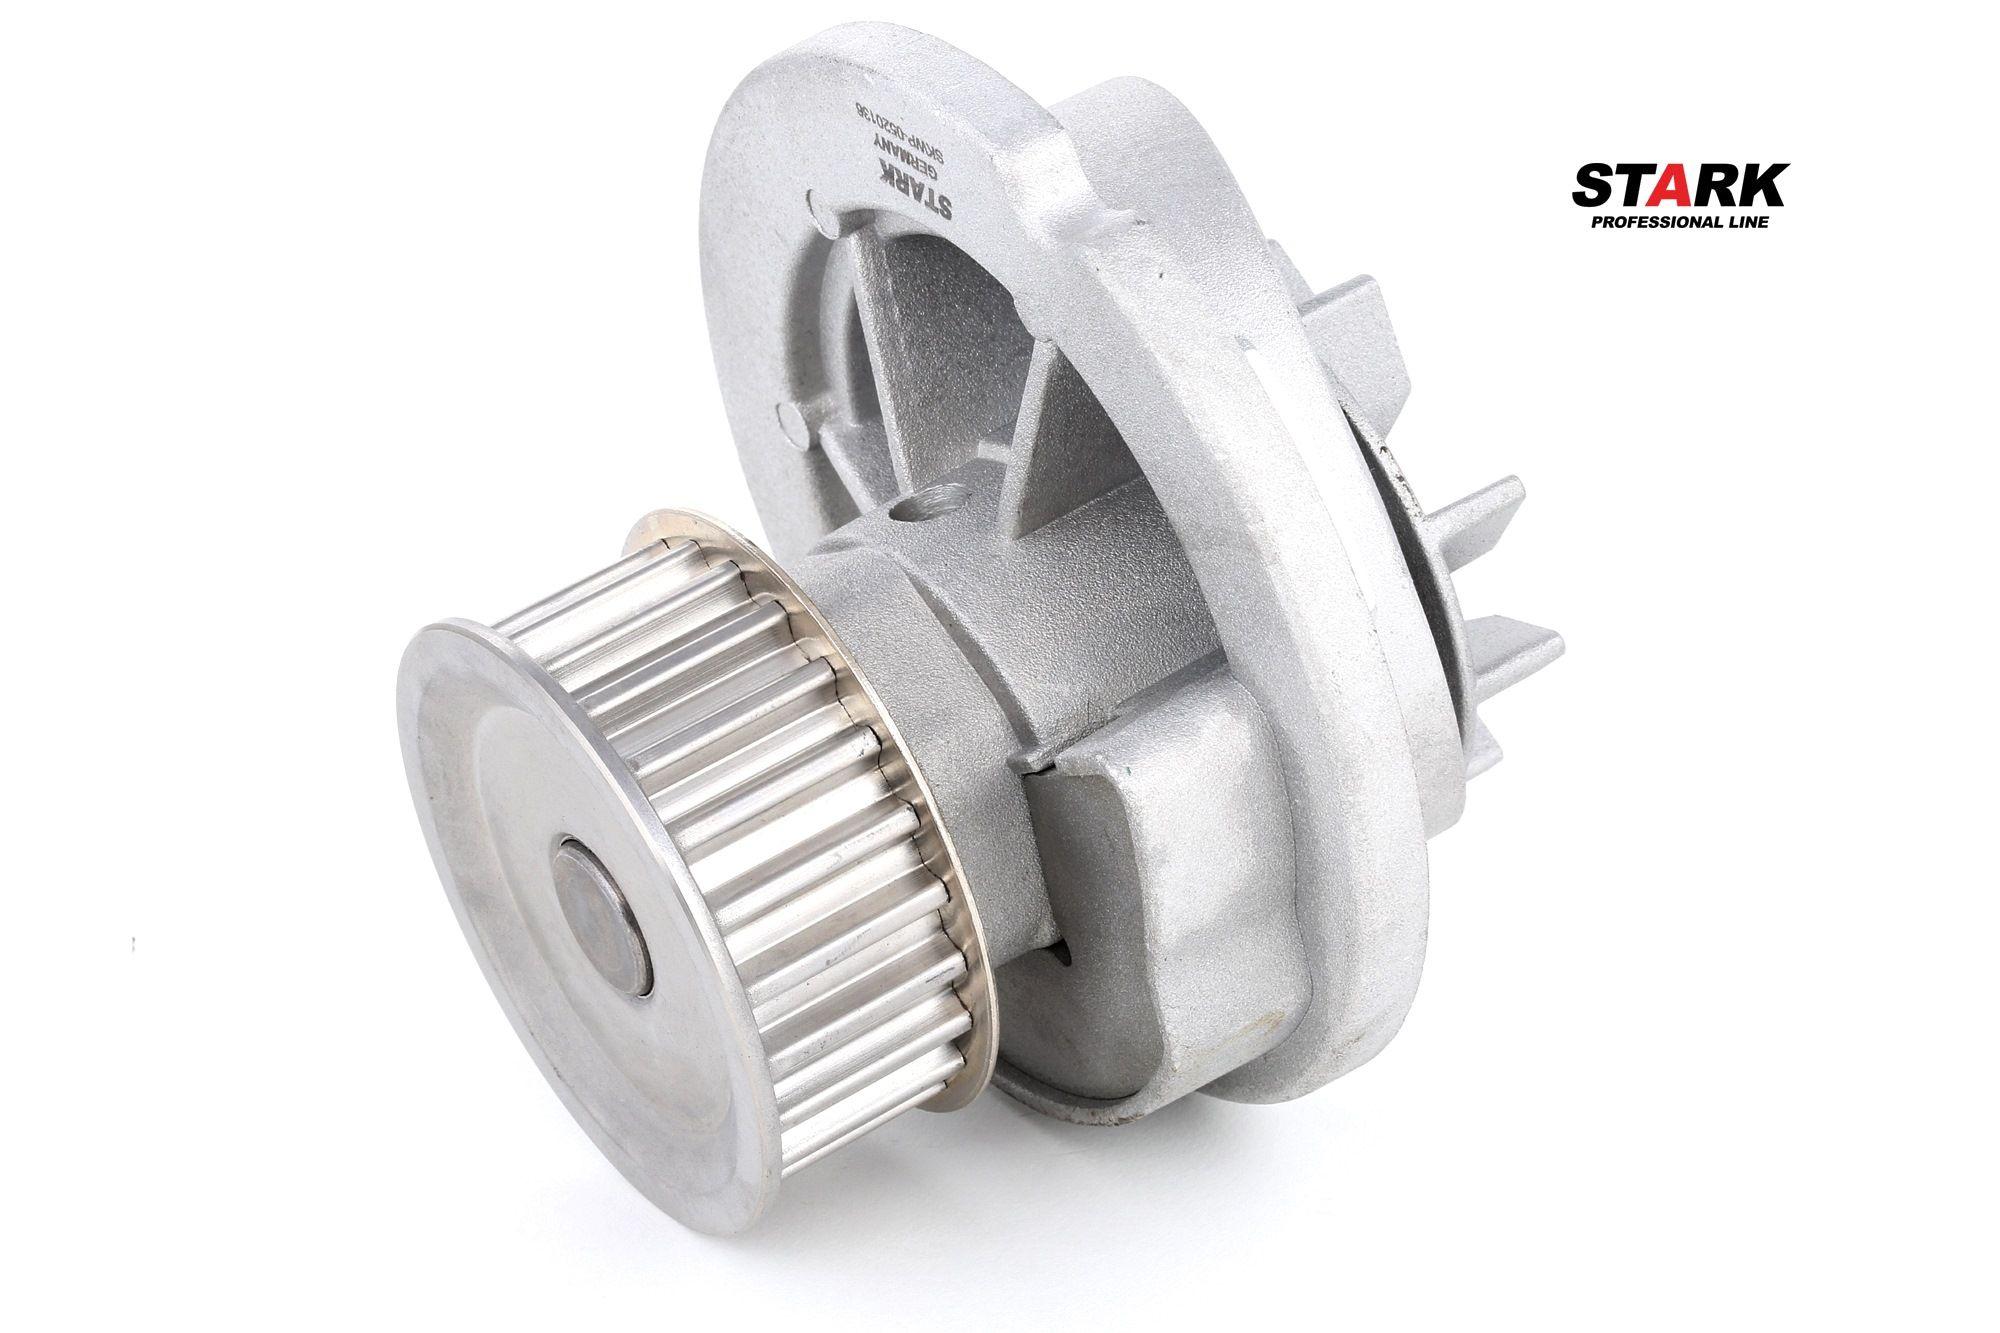 Wasserpumpe STARK SKWP-0520136 Bewertung